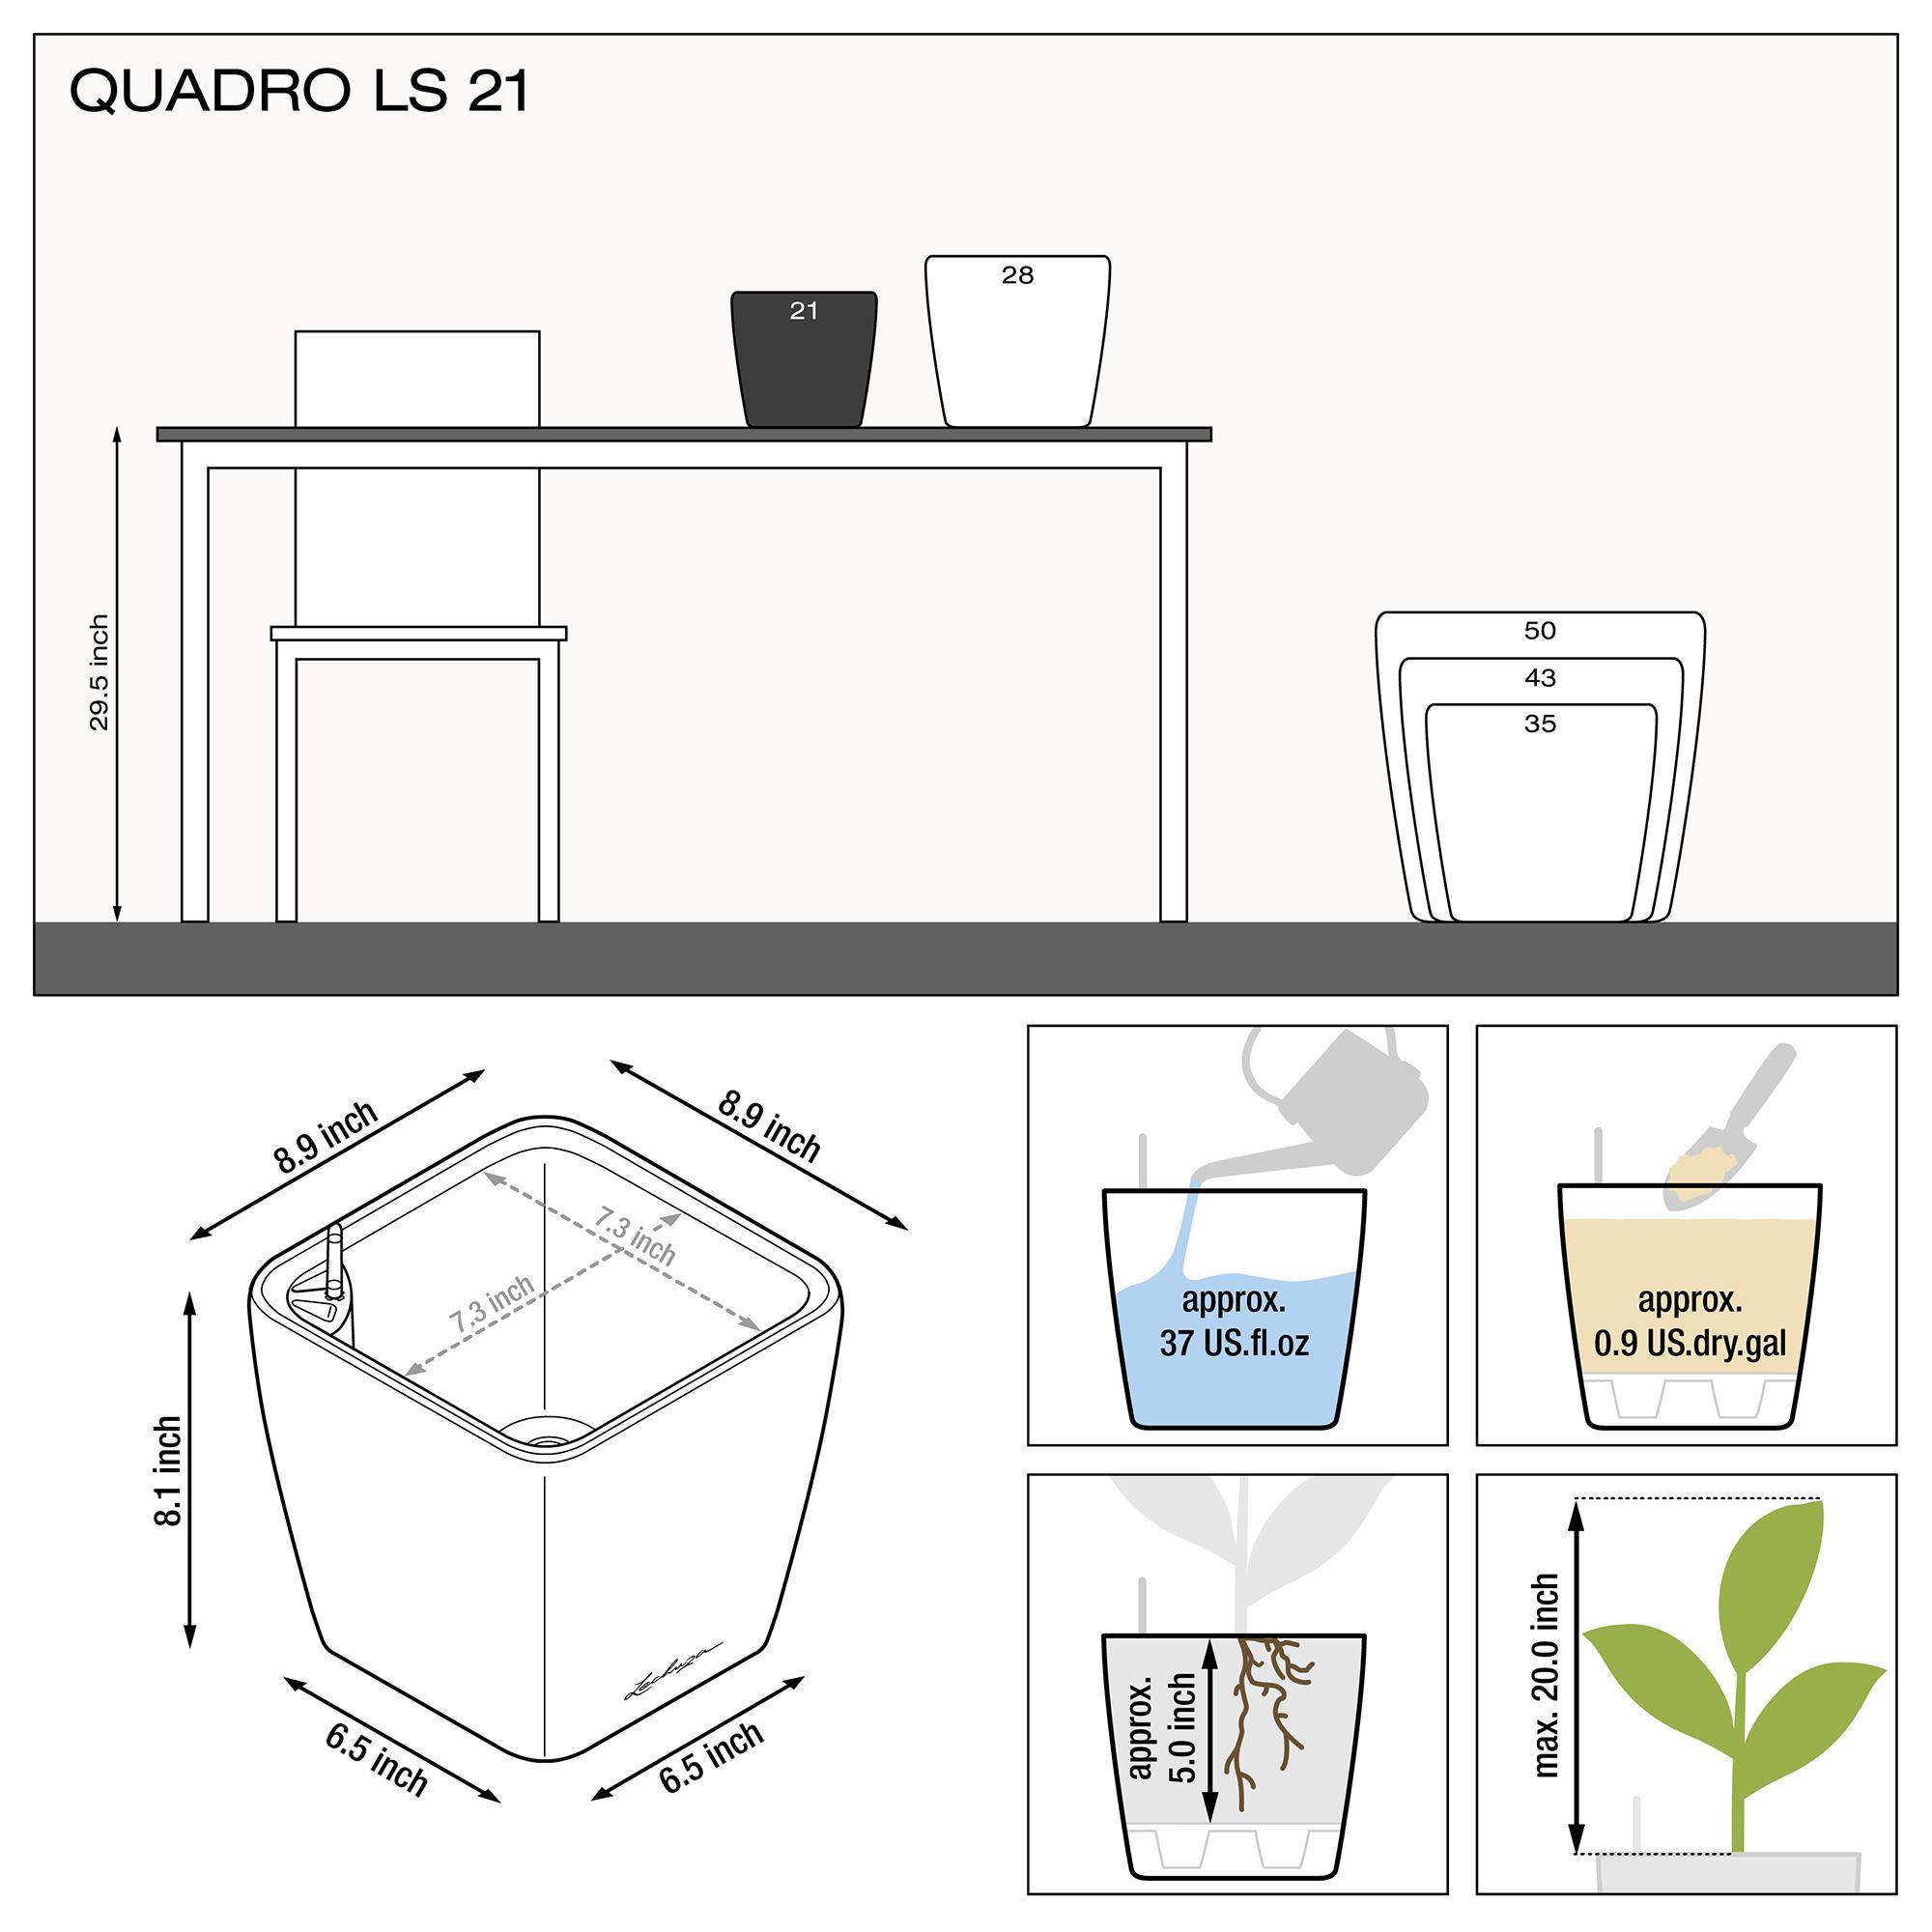 le_quadro-ls21_product_addi_nz_us